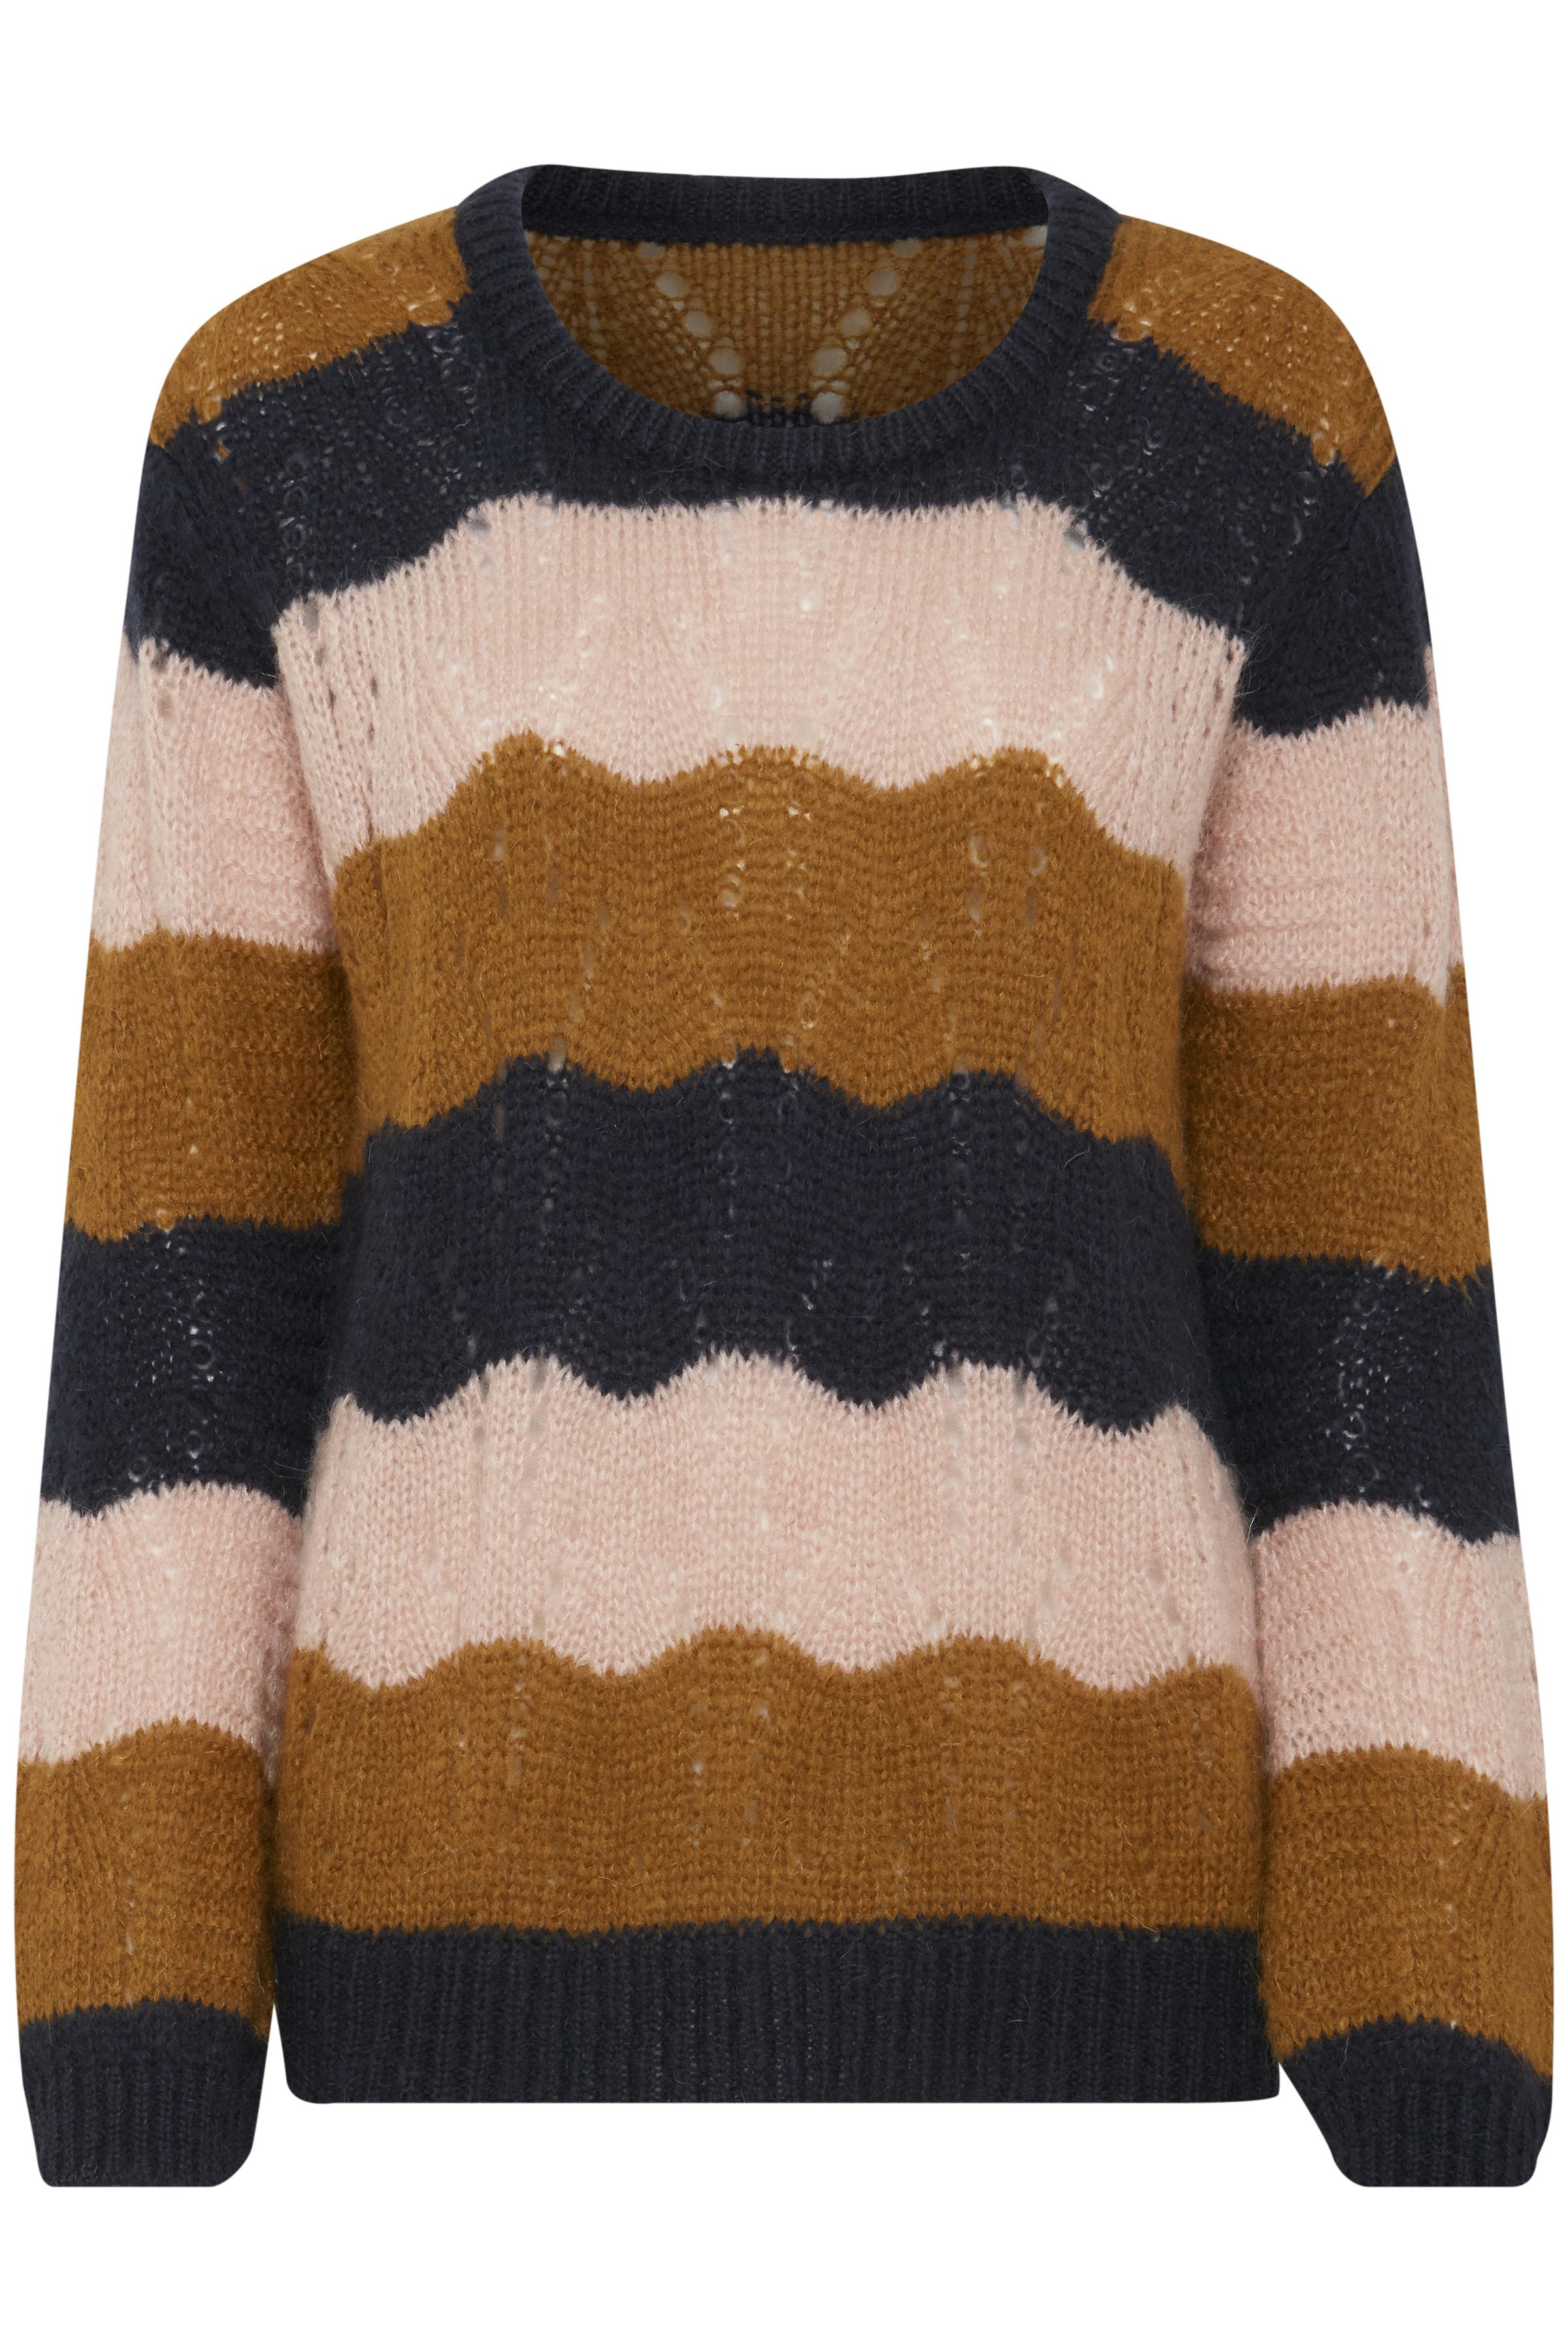 Marinblå/ljusbrun Stickad pullover från Dranella – Köp Marinblå/ljusbrun Stickad pullover från stl. XS-XXL här